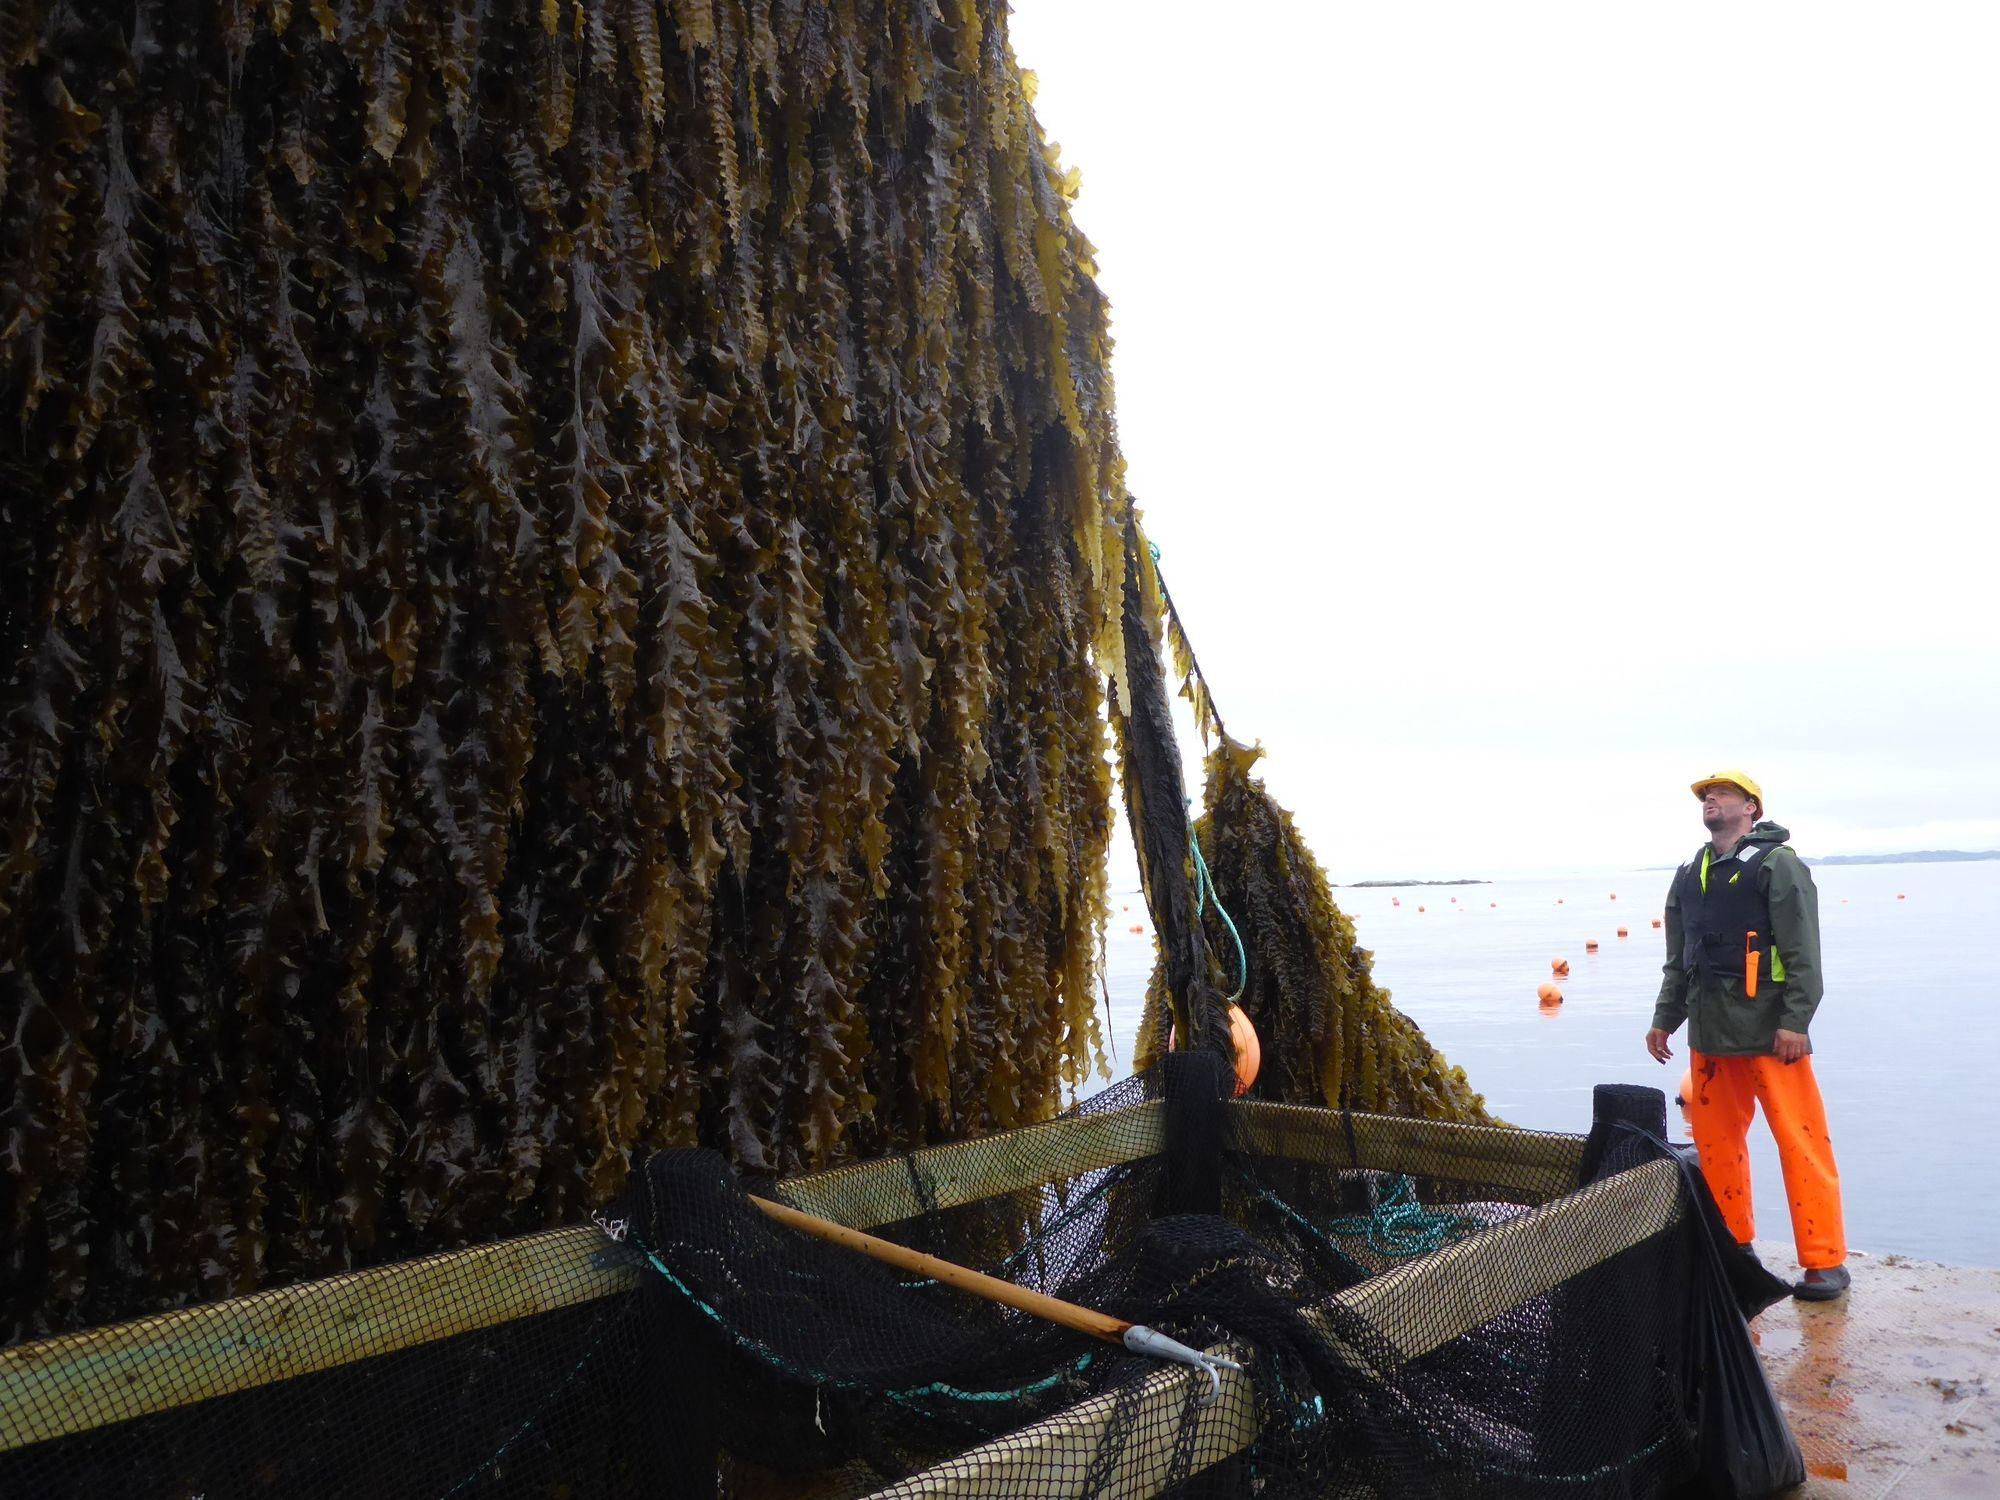 Vokser i turbofart: Taren som ble satt ut i januar var på en centimeter. På fire måneder vokser den til å bli halvannen til to meter, og vokser med større hastighet enn både regnskog og sukkerroer, ifølge Kaia Kjølbo Rød i Seaweed Energy Solutions.